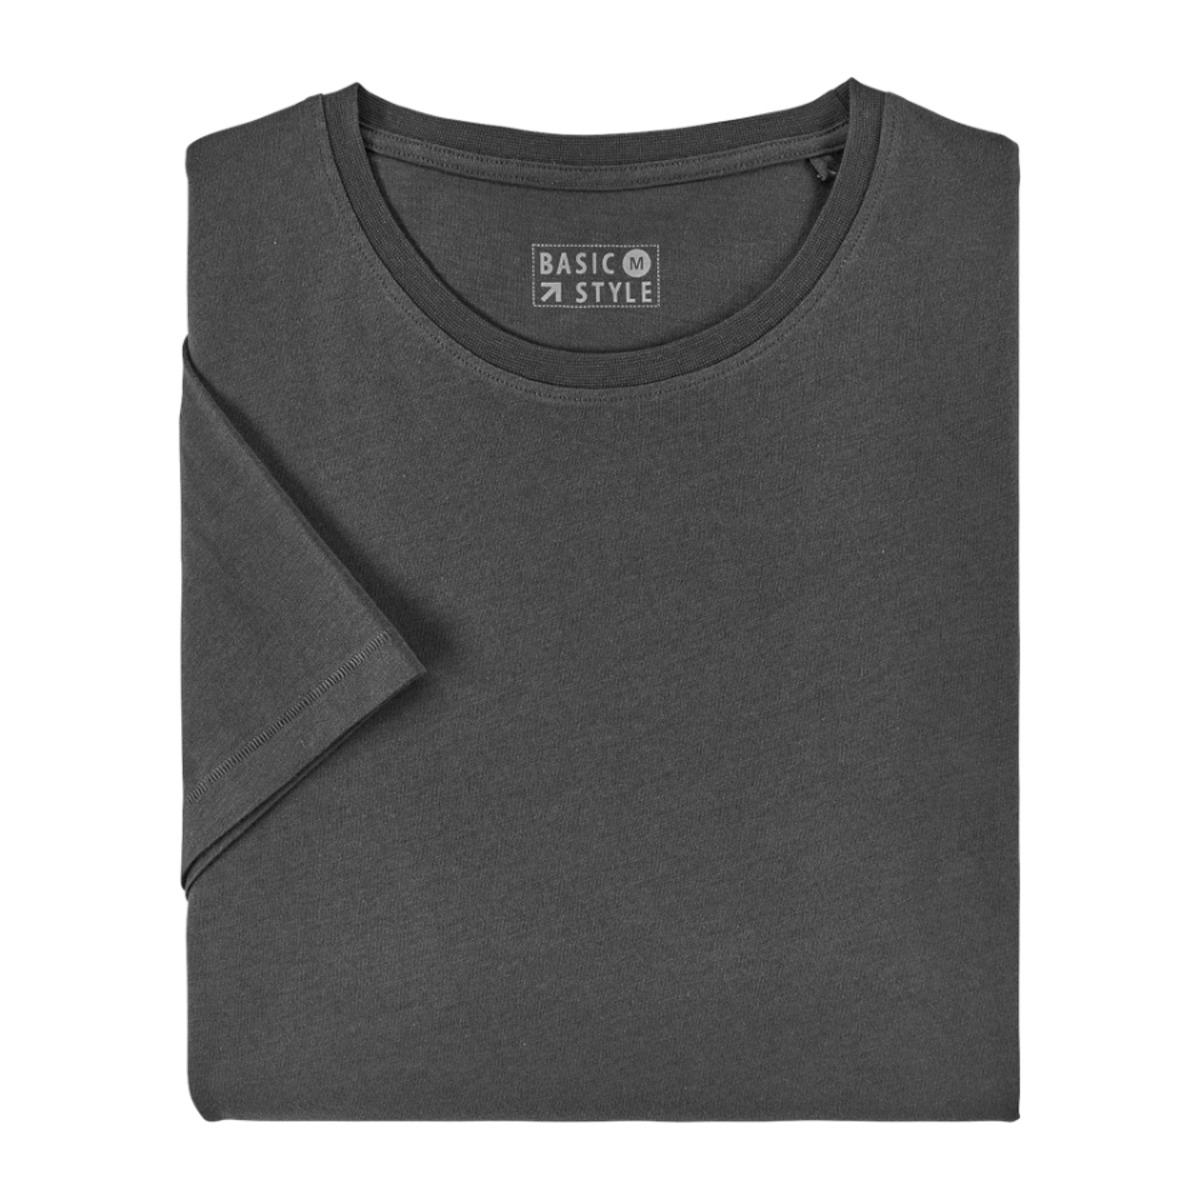 Bild 5 von STRAIGHT UP     T-Shirt Basic-Style